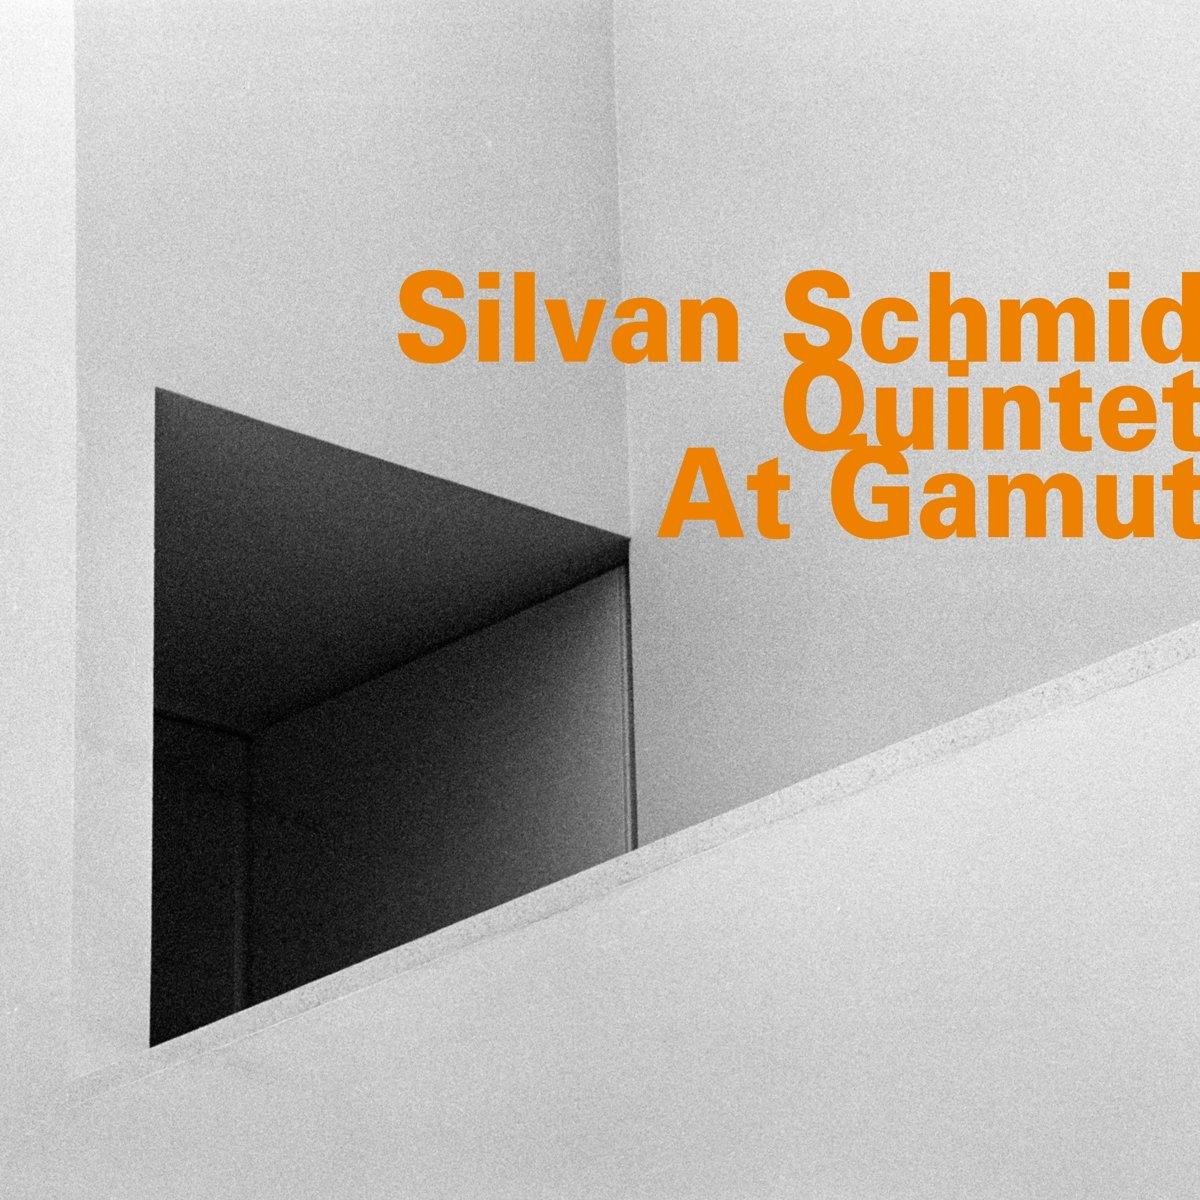 CD : Silvan Schmid - At Gamut (CD)